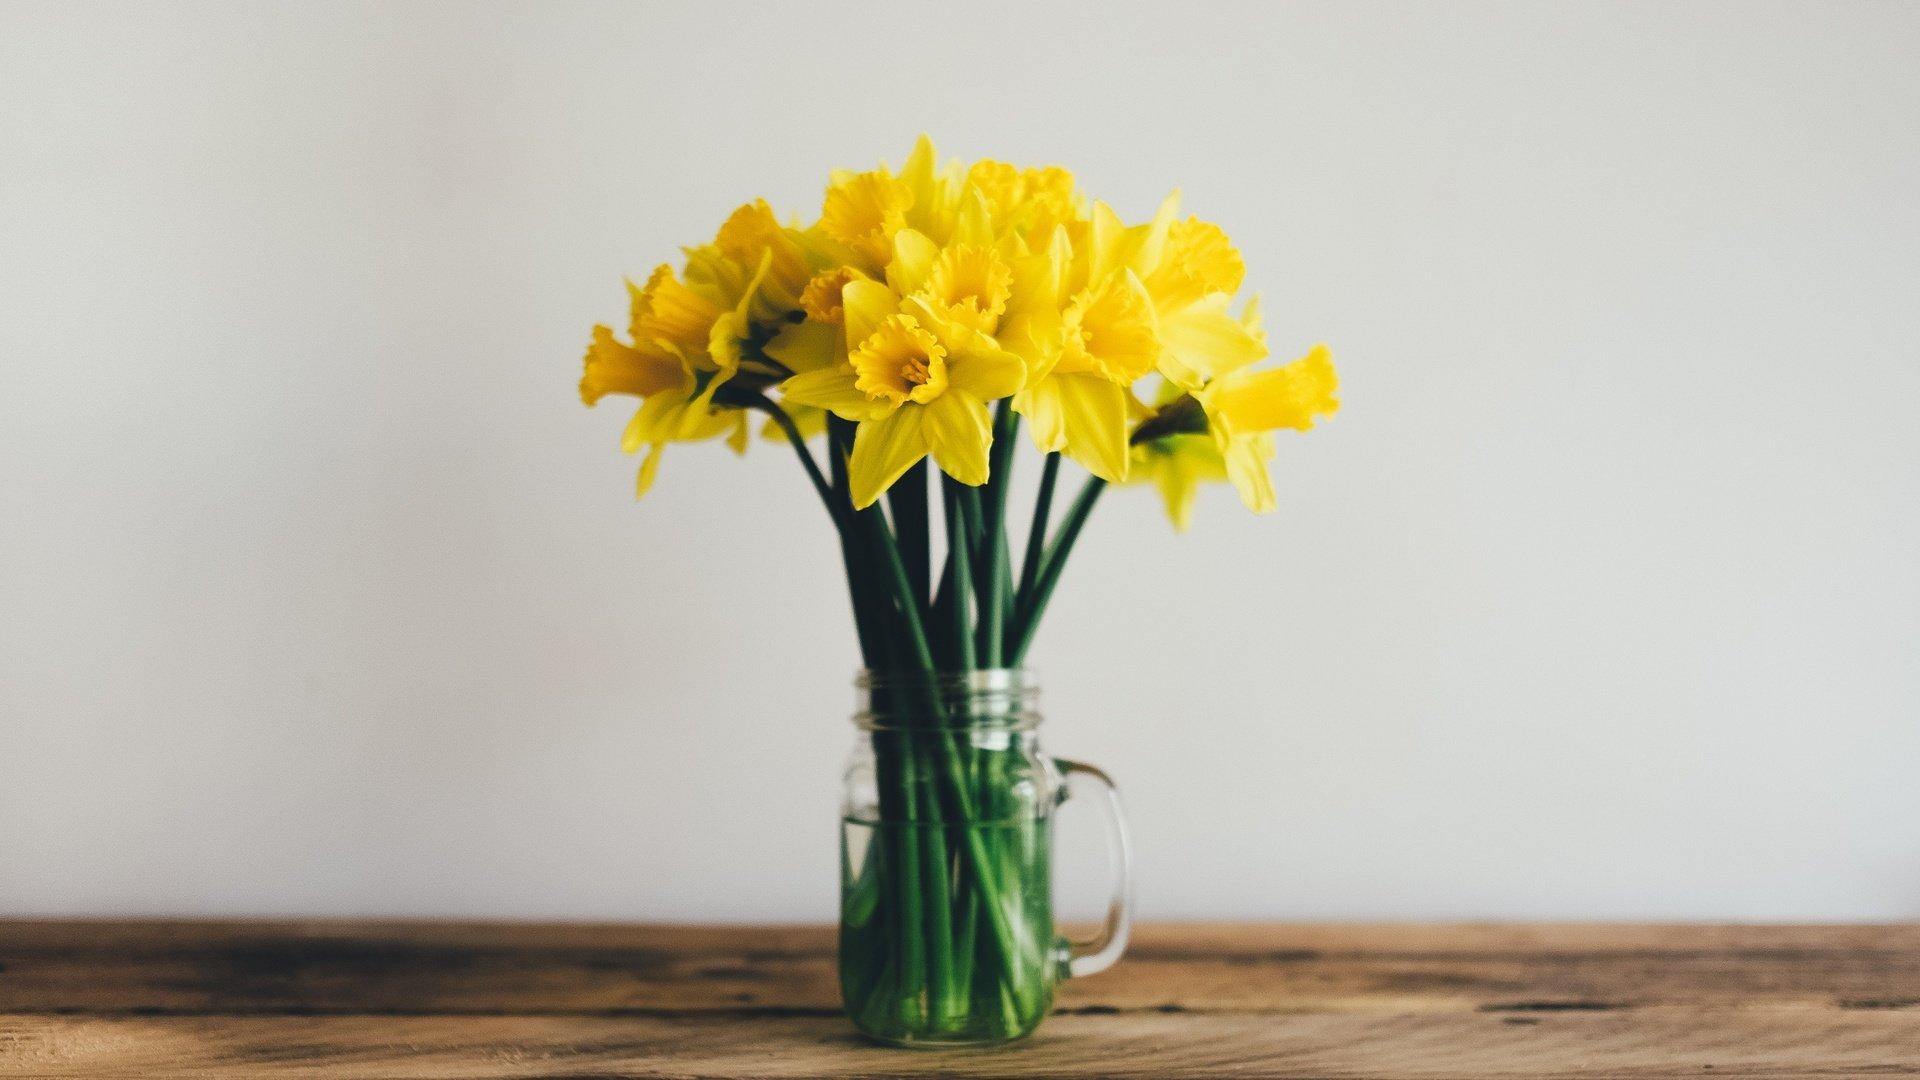 нарциссы желтые цветы окно онлайн